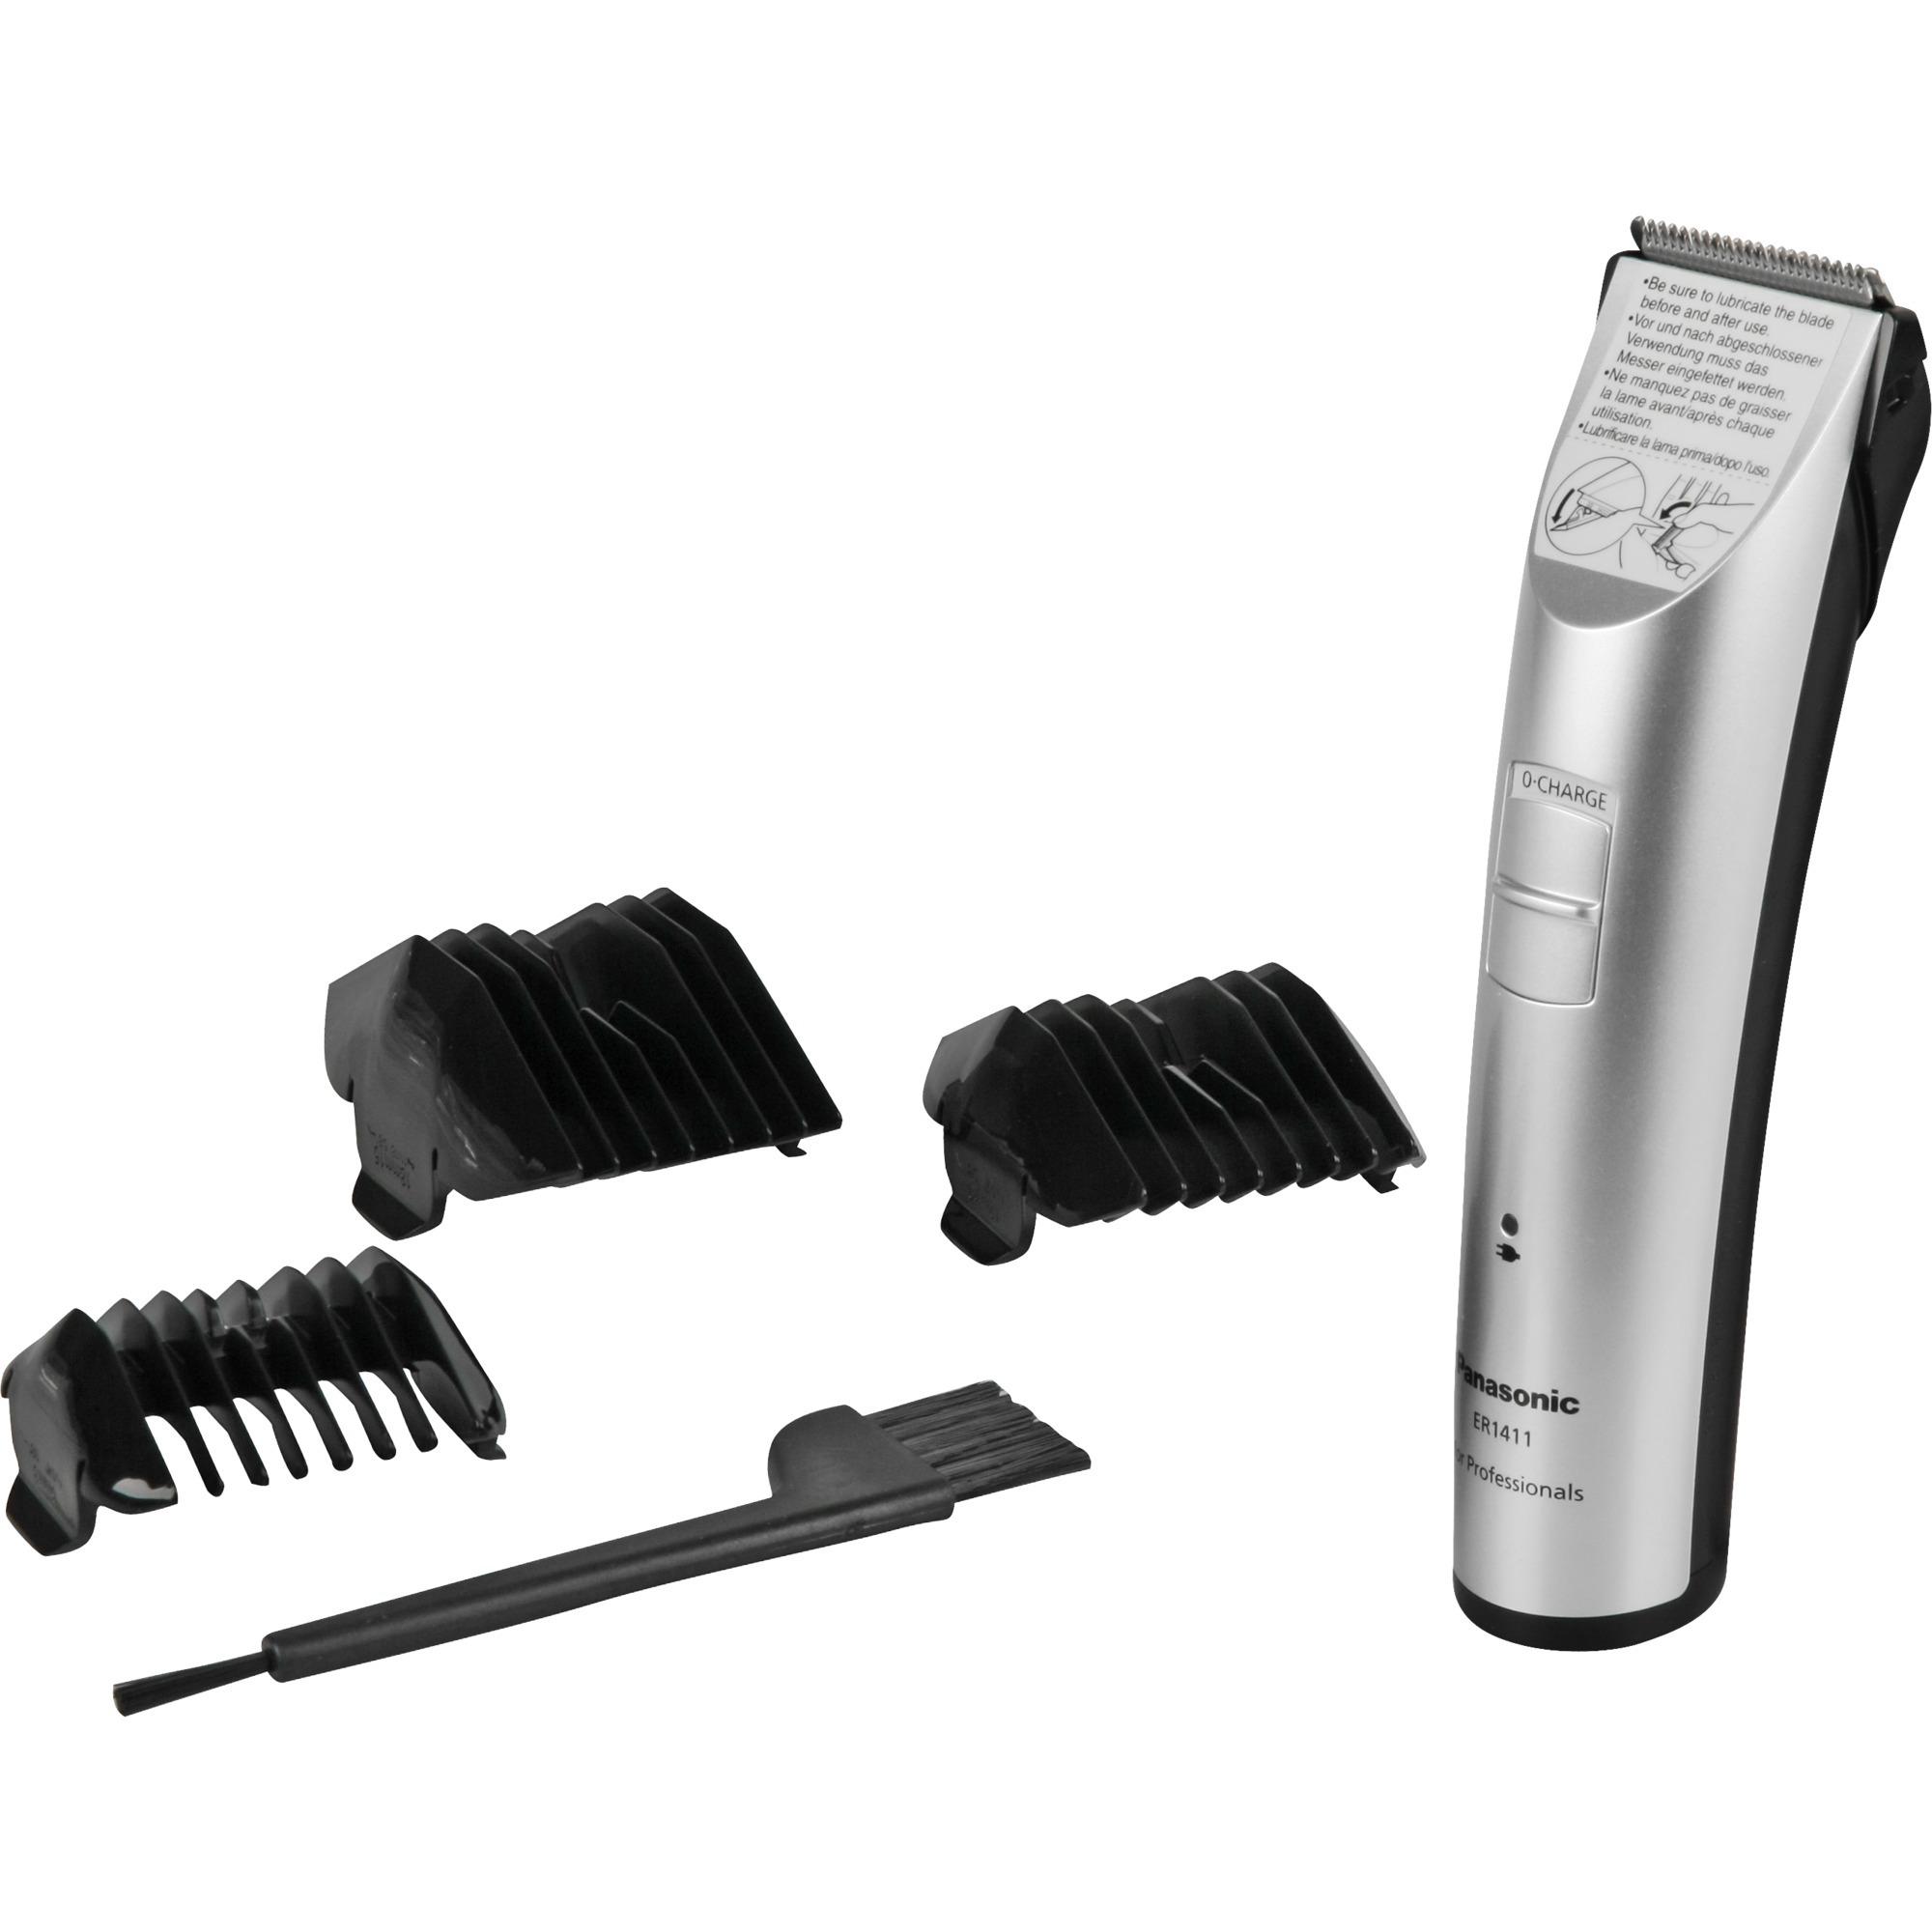 ER1411 cortadora de pelo y maquinilla Recargable, Cortador de pelo